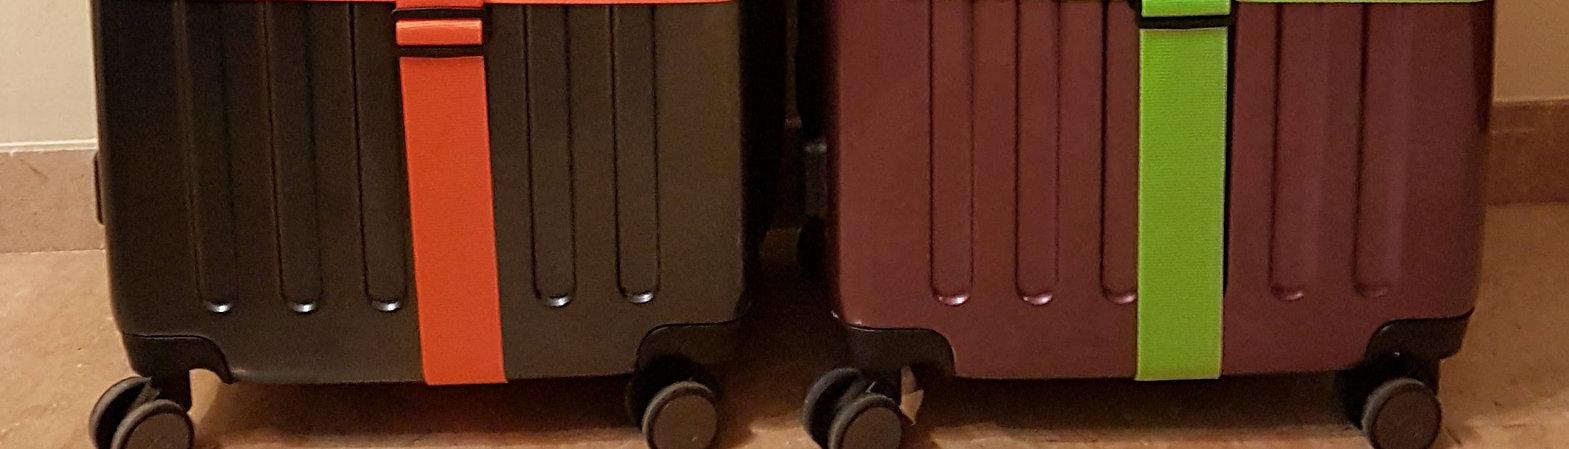 maleta, mochila